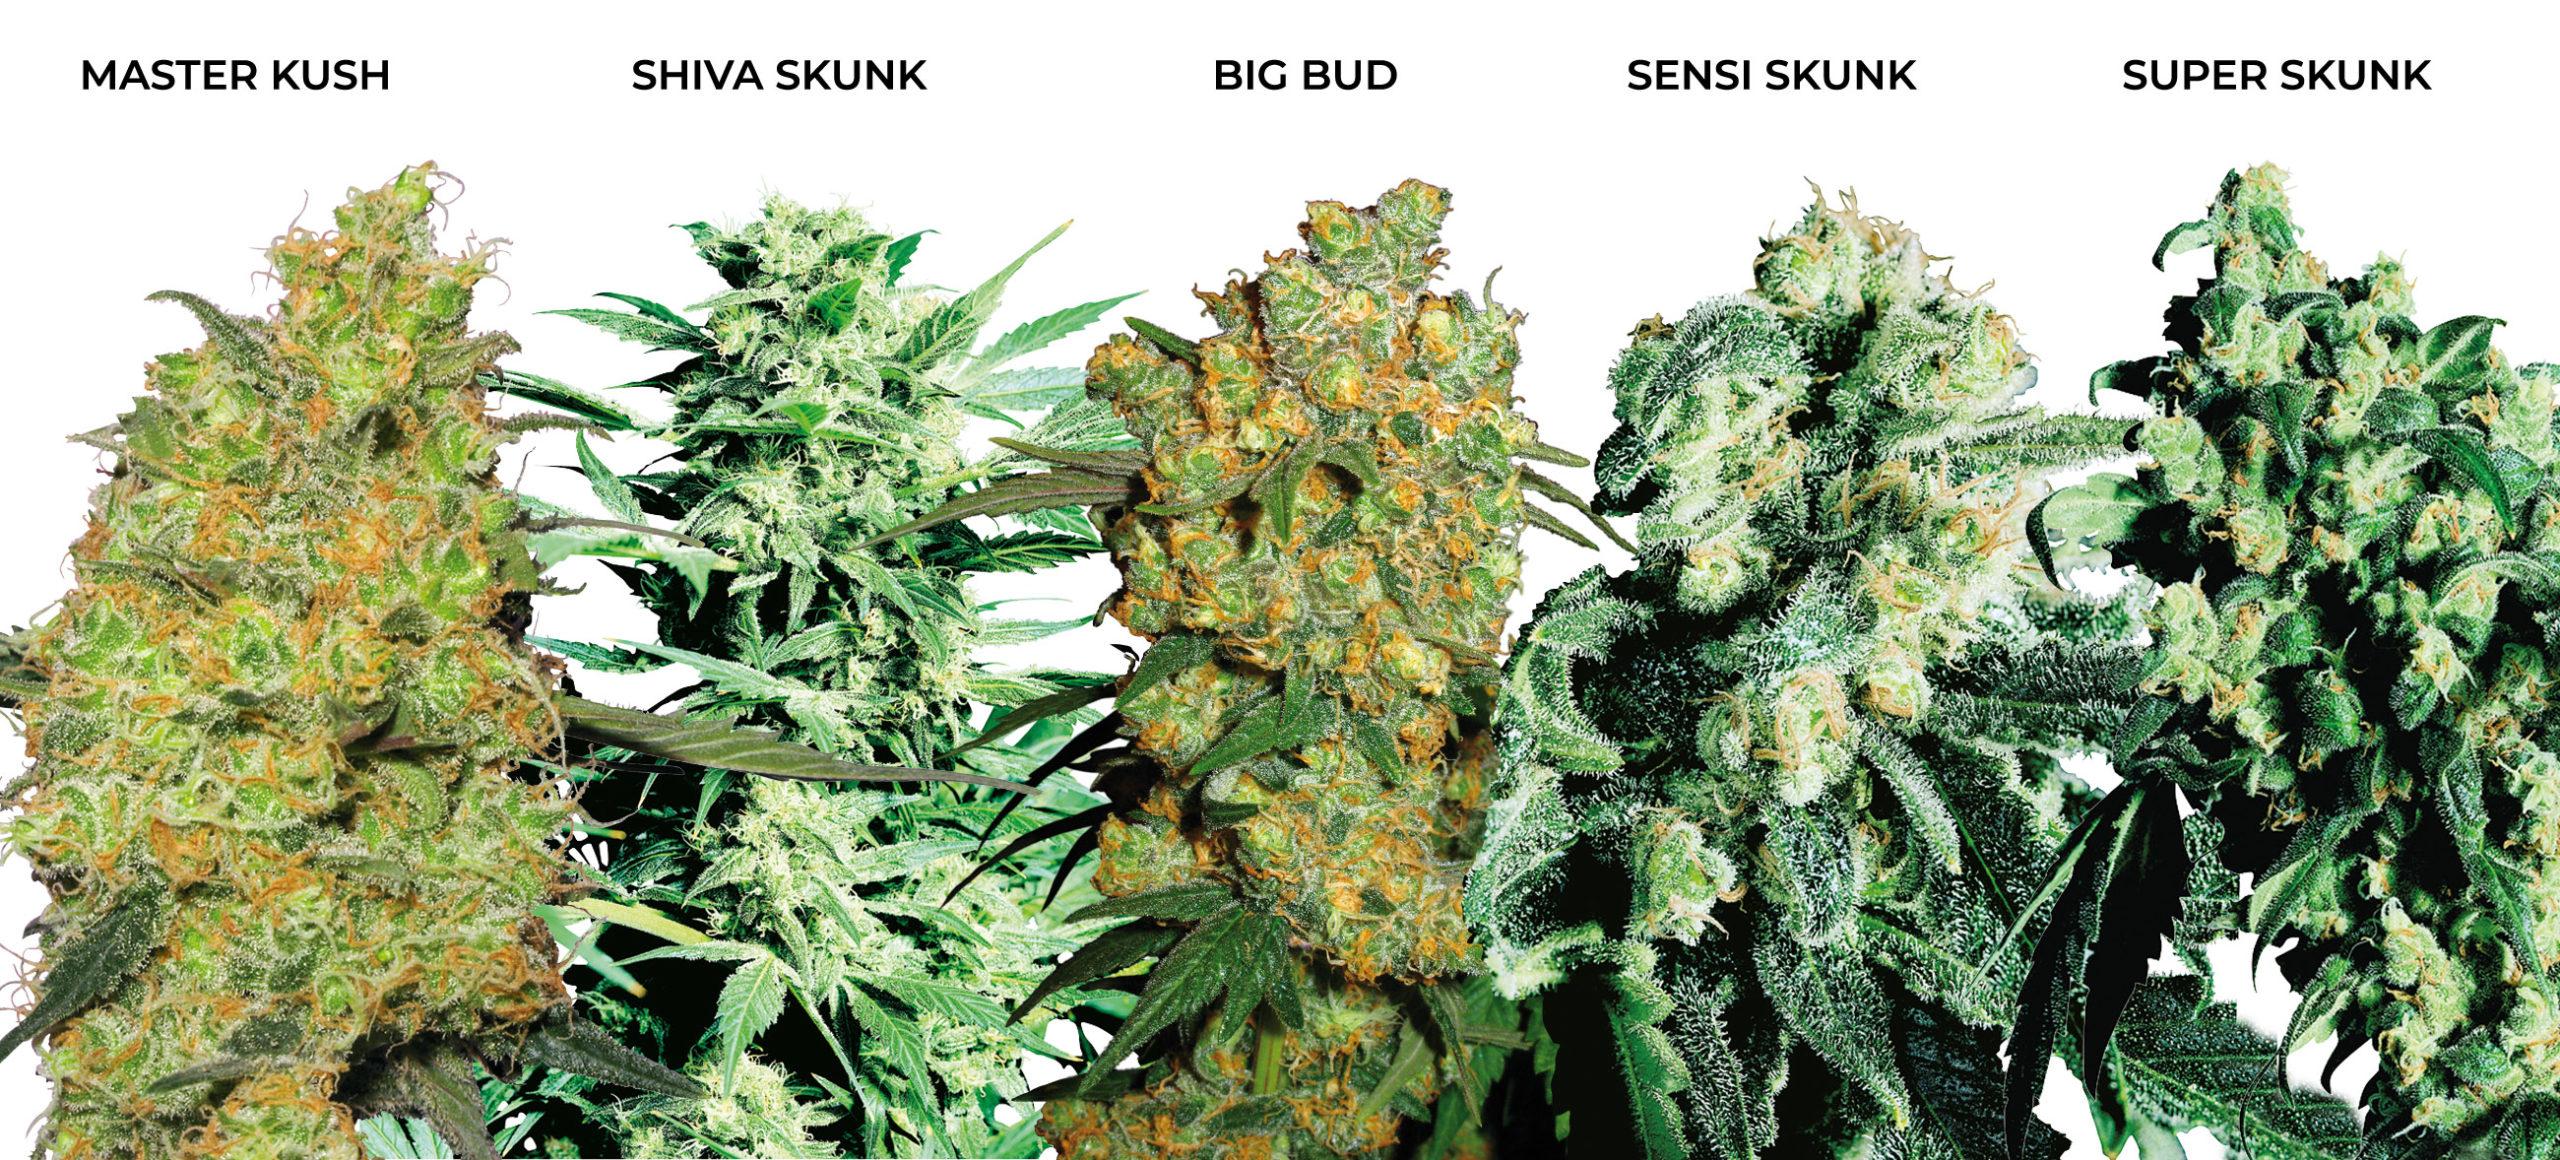 5 gros burgeons de cannabis thérapeutique indica: Master Kush, Shiva Skunk, Big Bud, Sensi Skunk et Super Skunk.